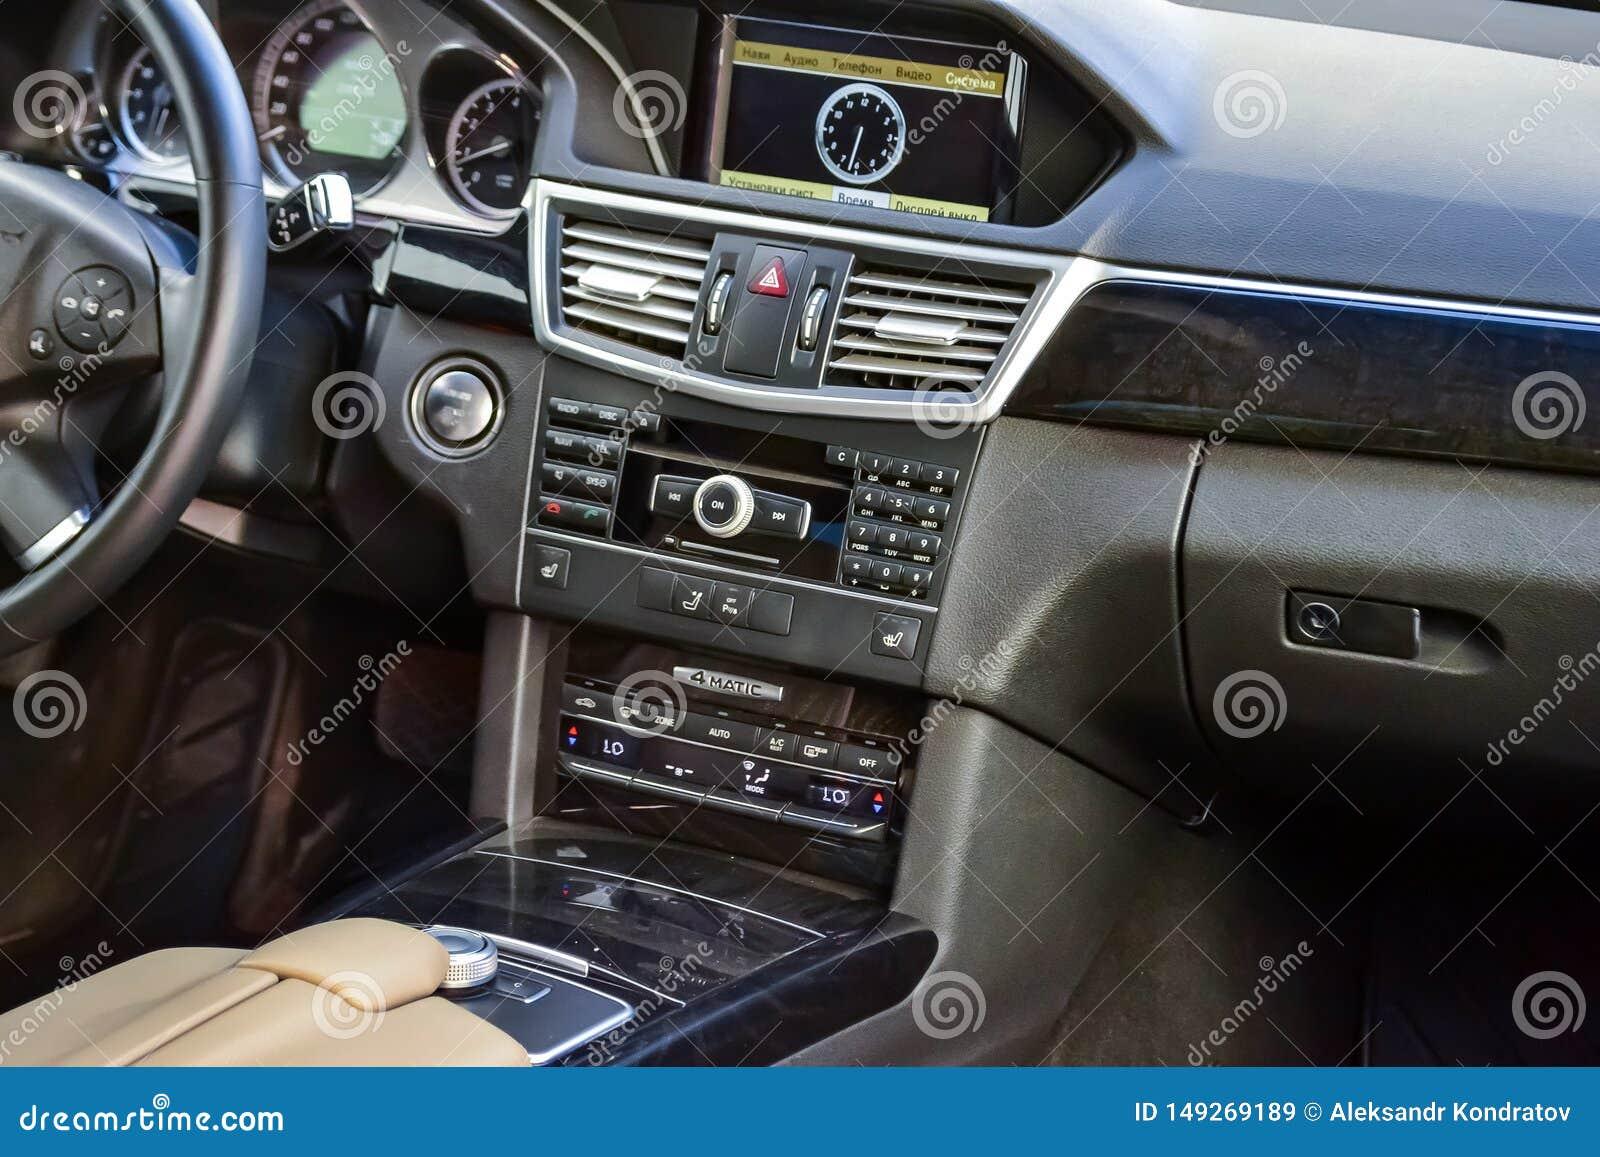 Άποψη στο άσπρο εσωτερικό της ε-κατηγορίας W212 της Mercedes με το ταμπλό, ρολόι, σύστημα μέσων, μπροστινά καθίσματα και shiftgea